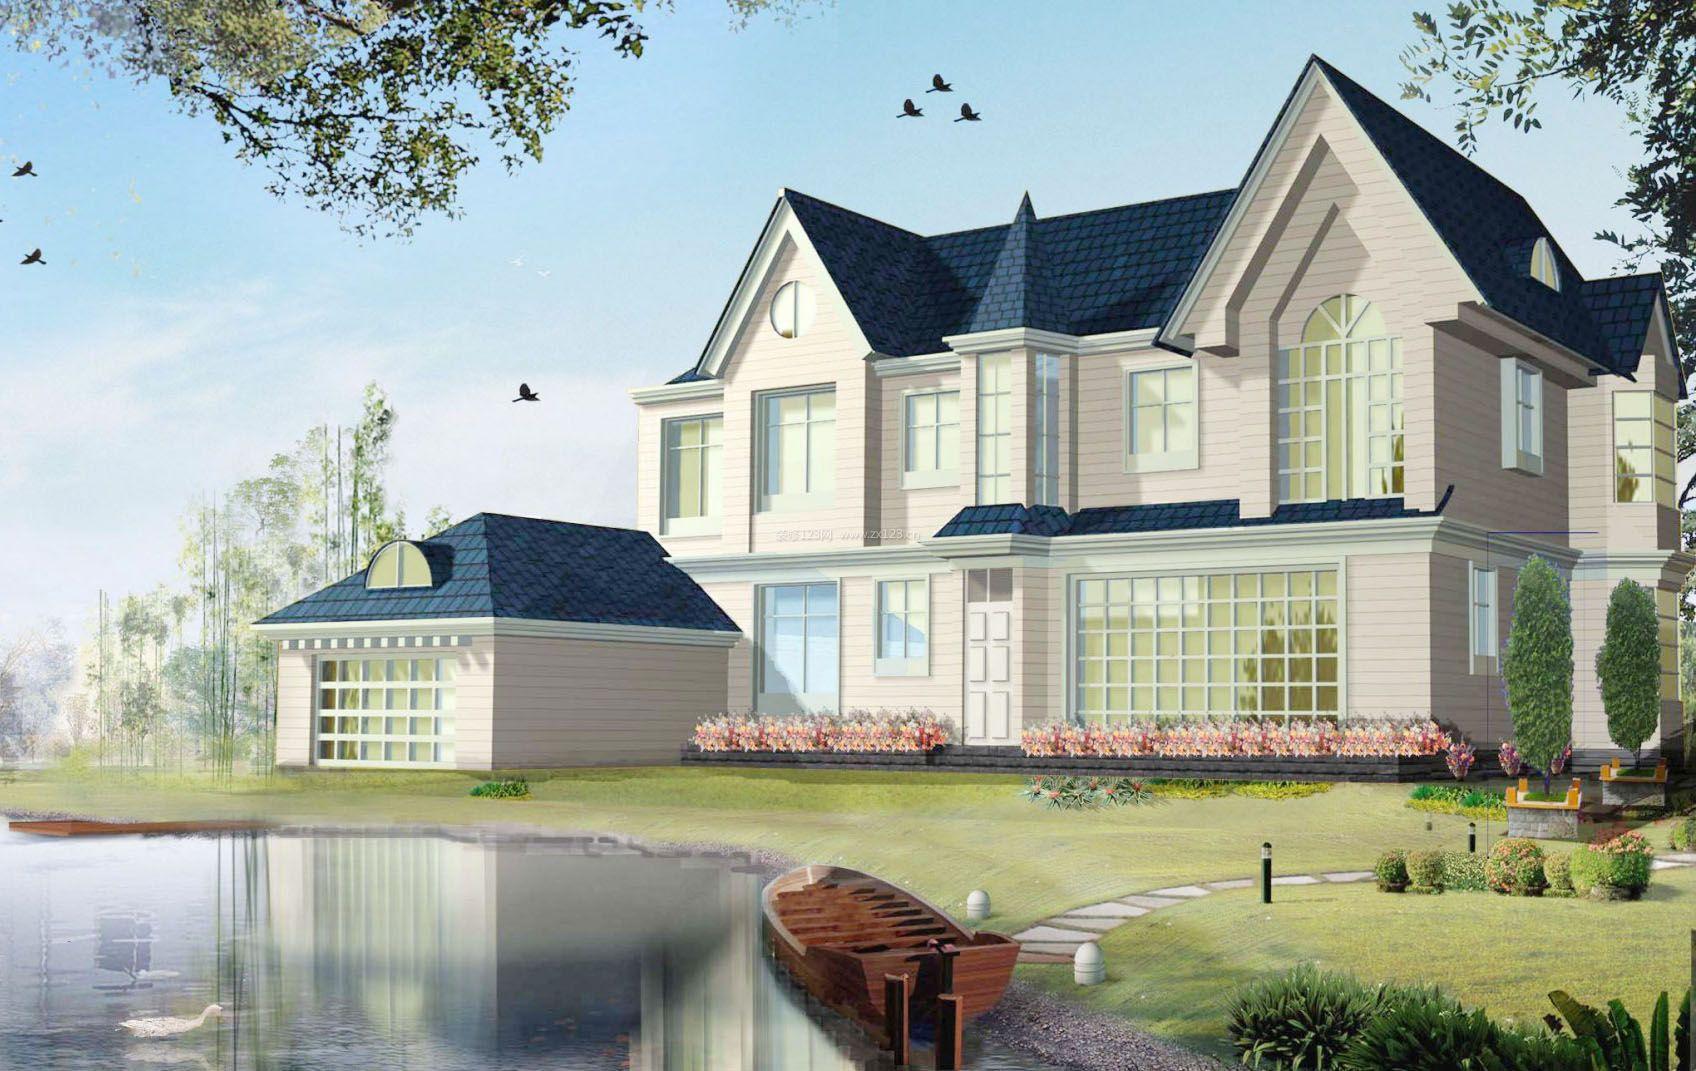 欧式别墅外观效果图纸2015最新款农村房子   房屋别墅设计图相关图片